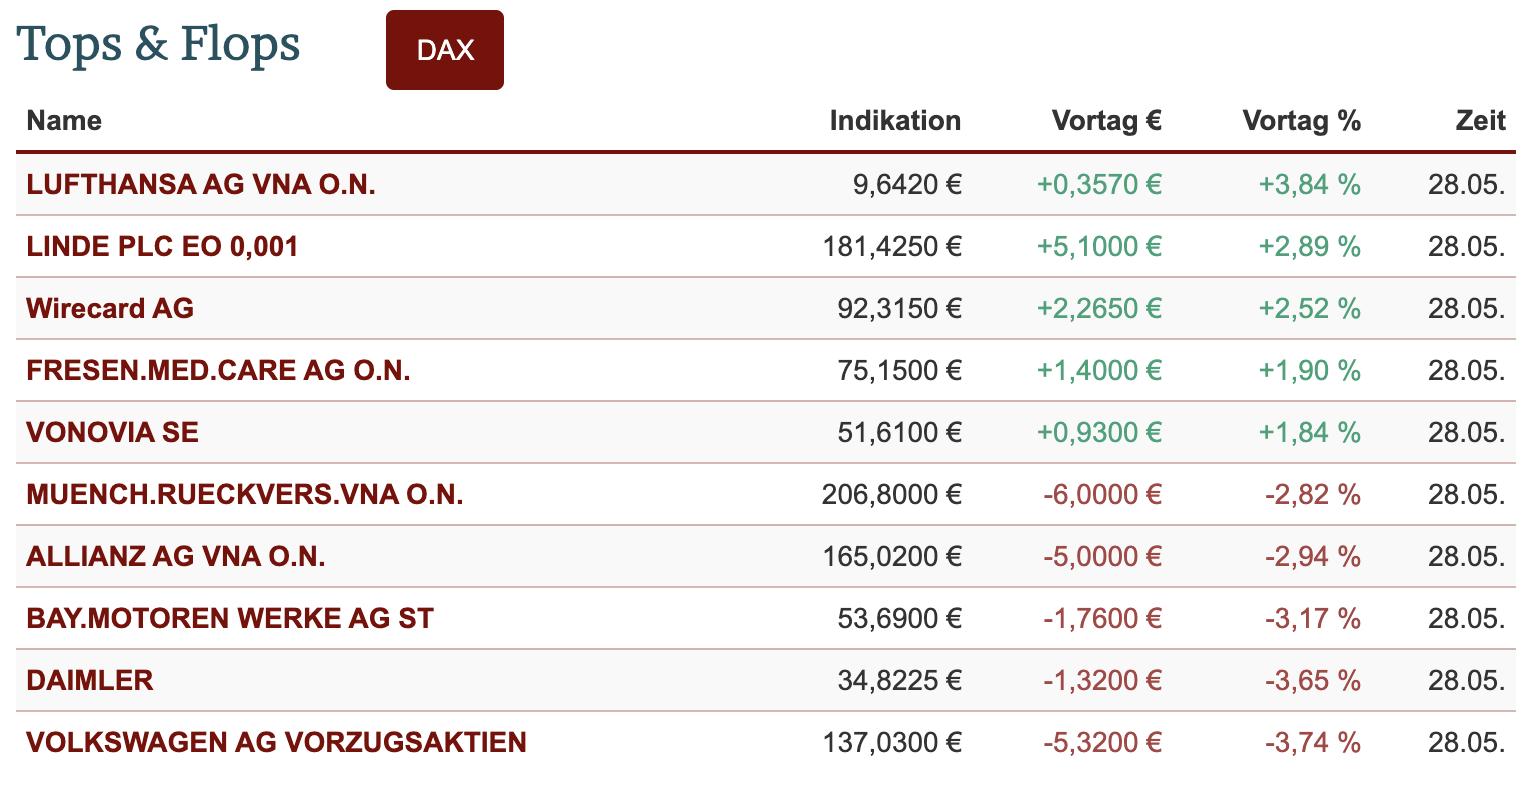 DAX-Aktienliste Top und Flop